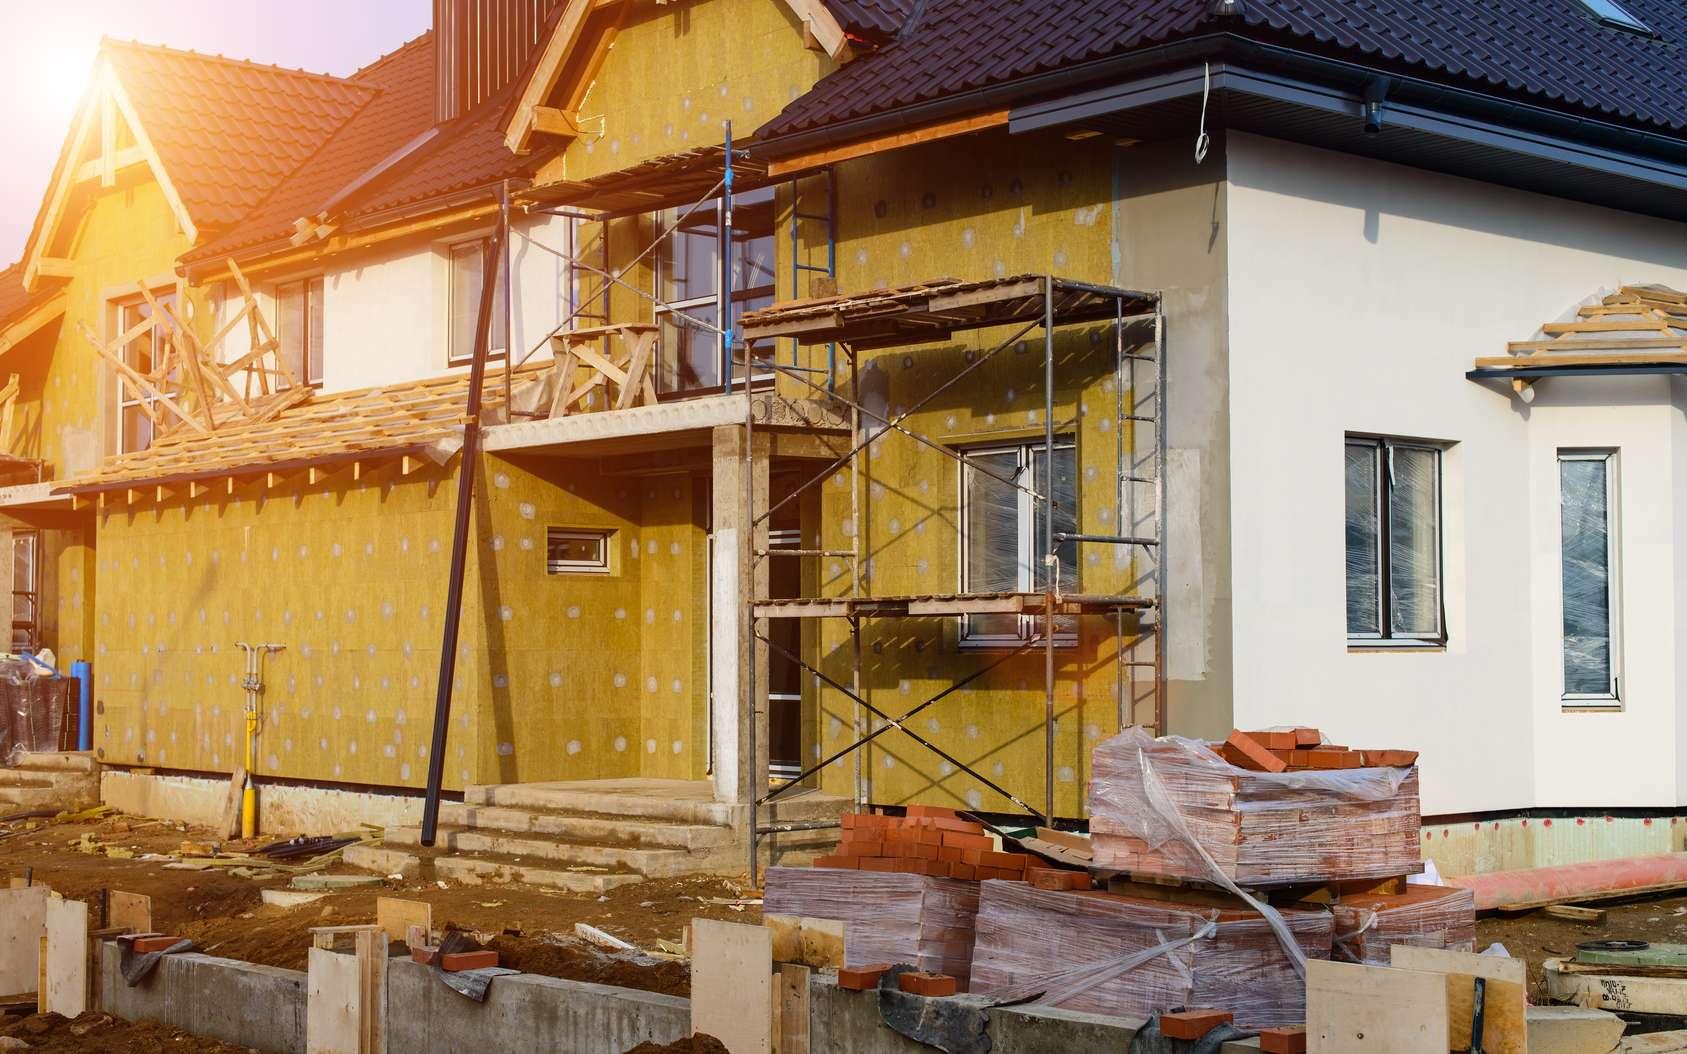 Isolation des murs extérieurs d'une maison avec de la laine minérale. © smspsy, fotolia